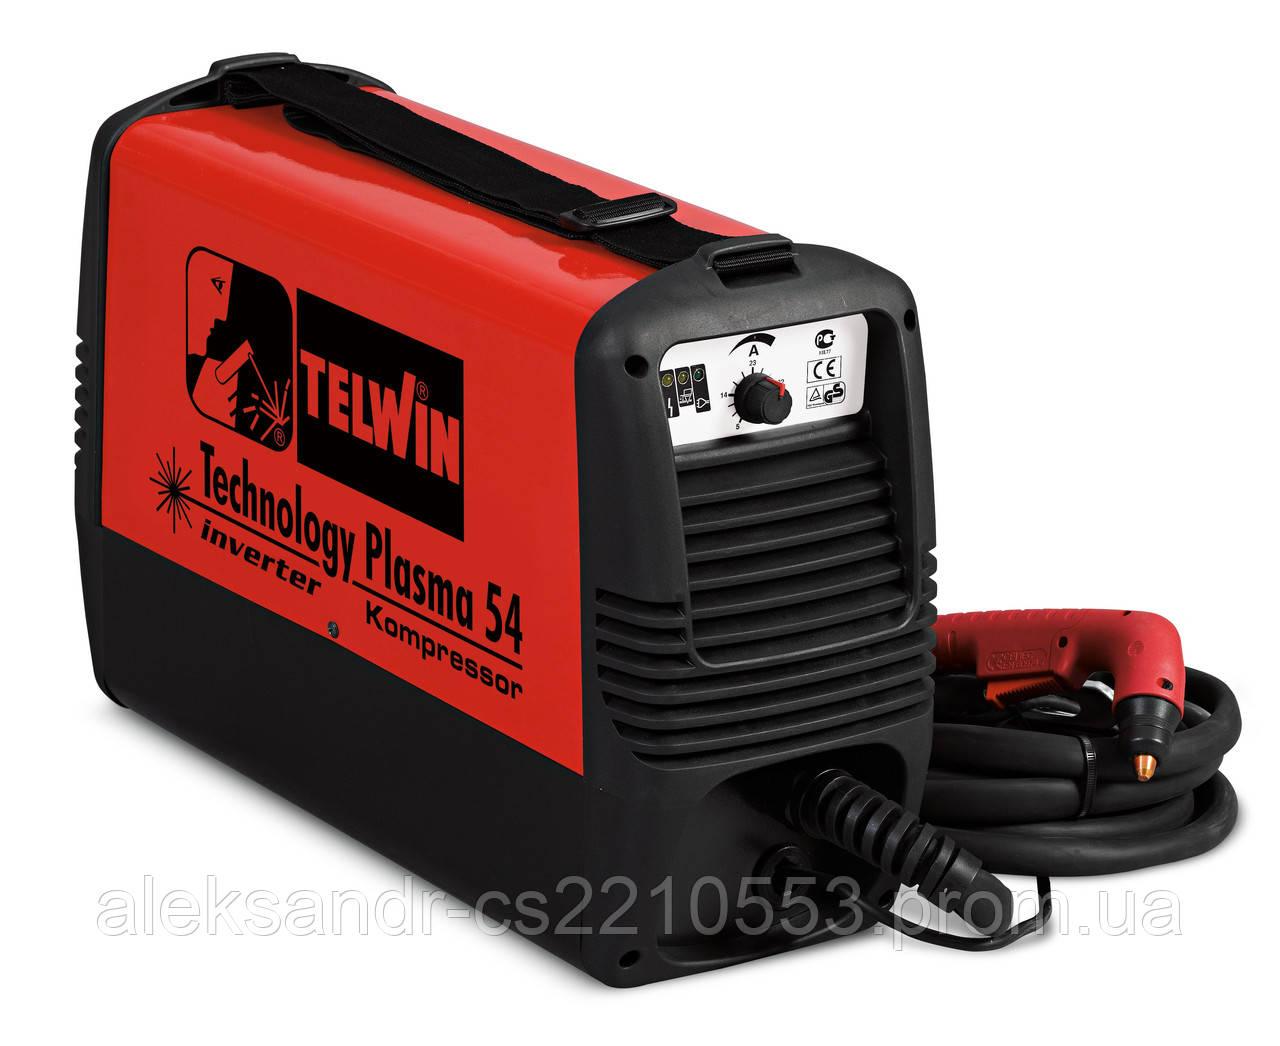 Telwin Technology Plasma 54 Kompresor - Апарат плазмового різання (Діаметром 10 мм)